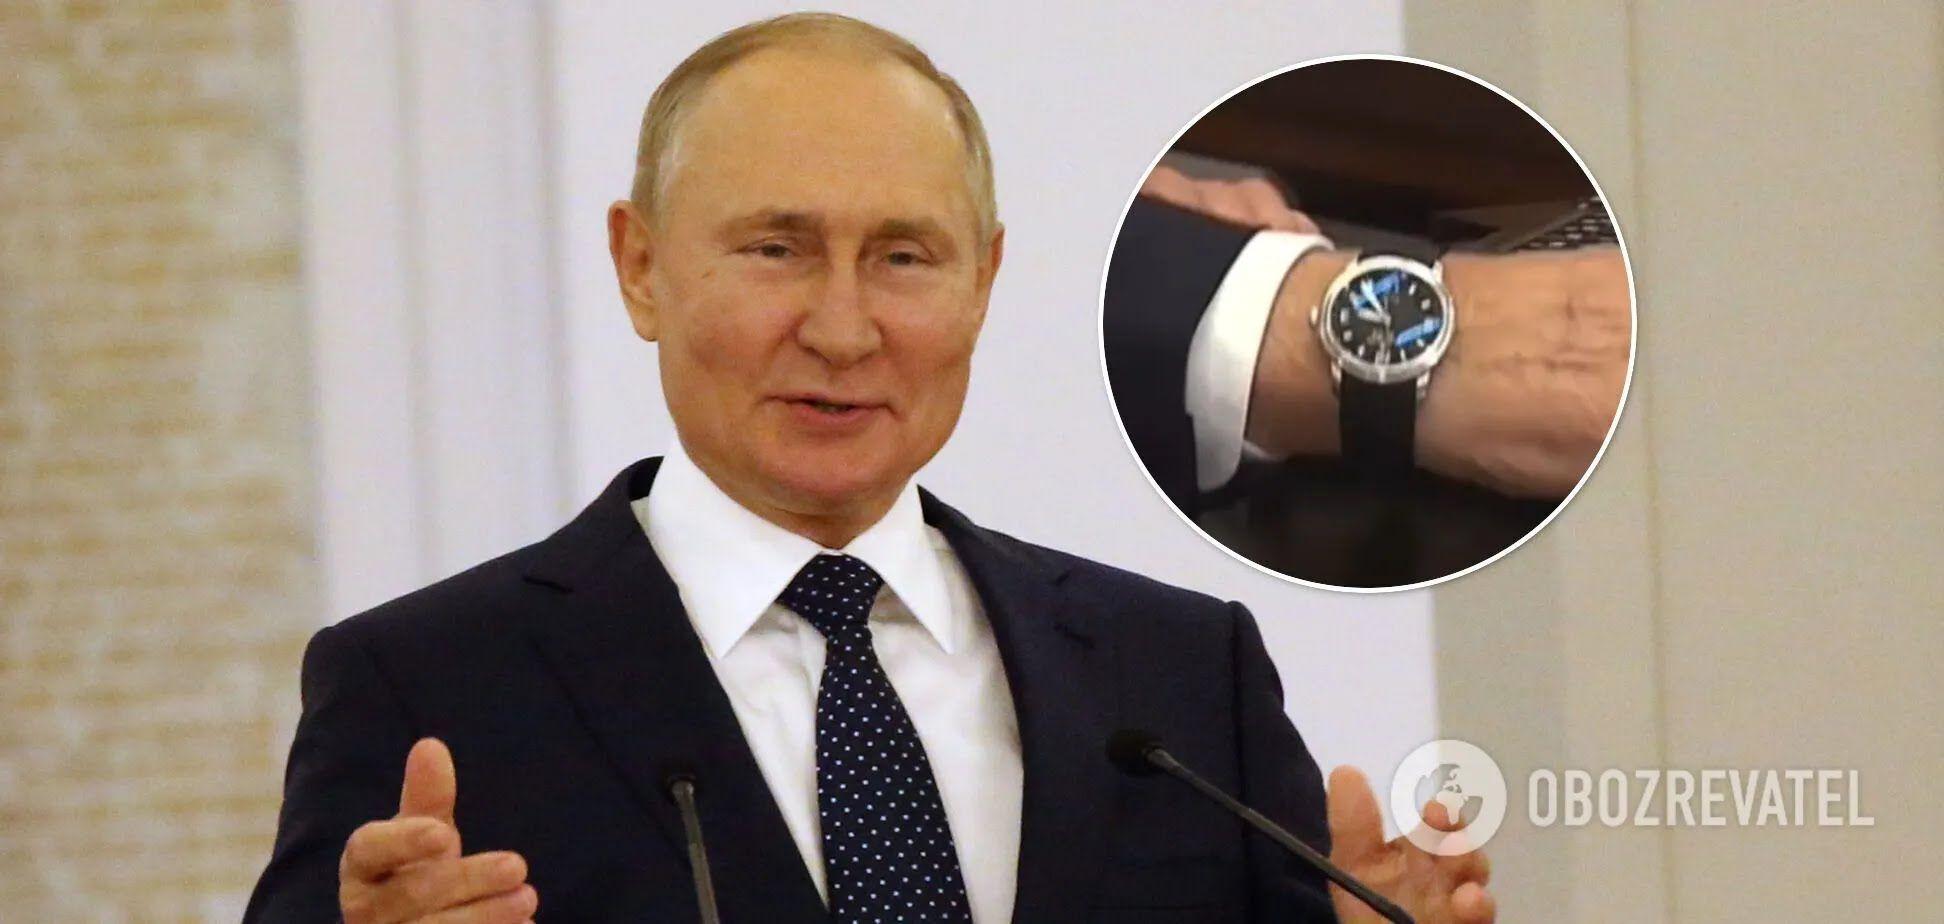 У Путіна помітили щось дивне на годиннику